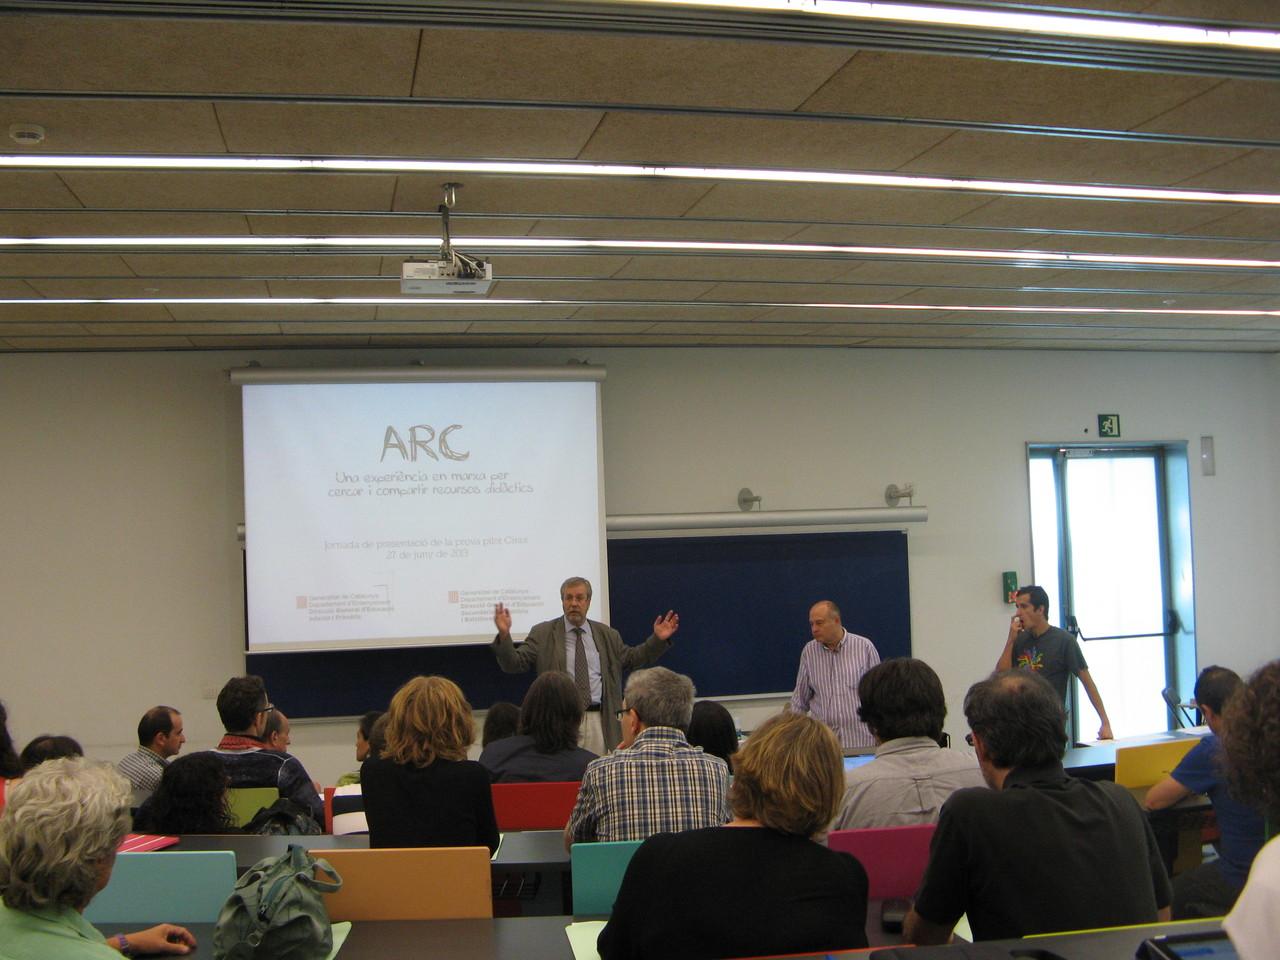 Anton Aubanell i Sergi del Moral van presentar la seva experiència sobre l'Aplicació de Recursos al Currículum